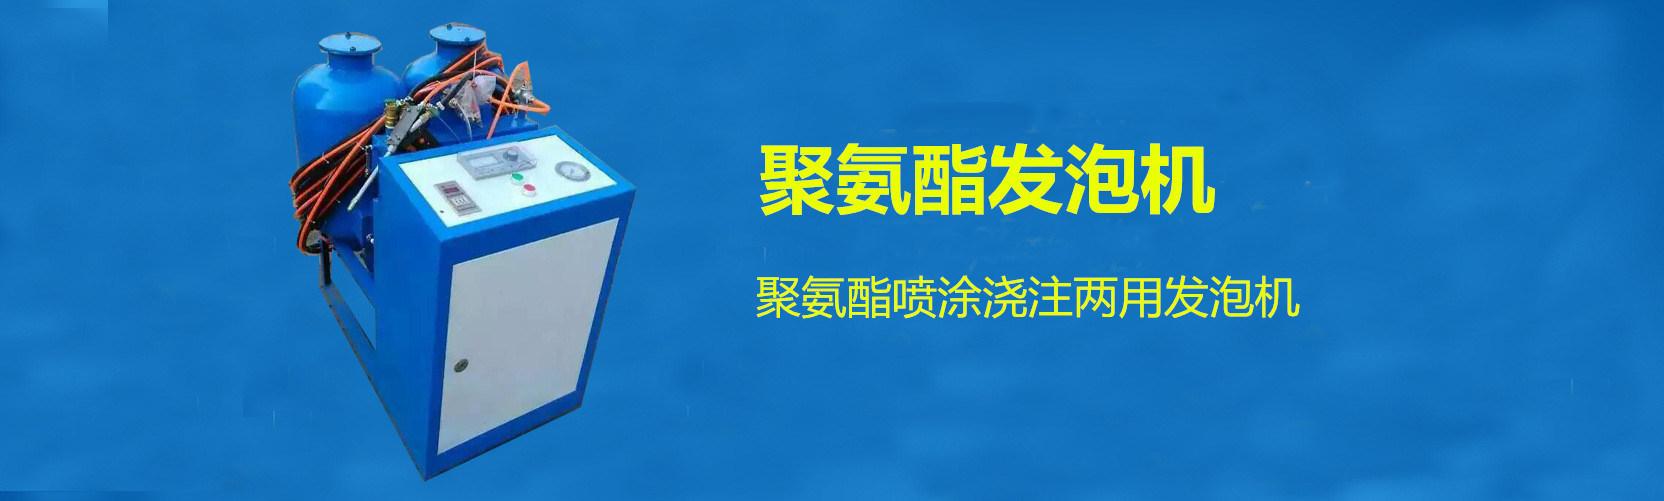 华创产品_副本